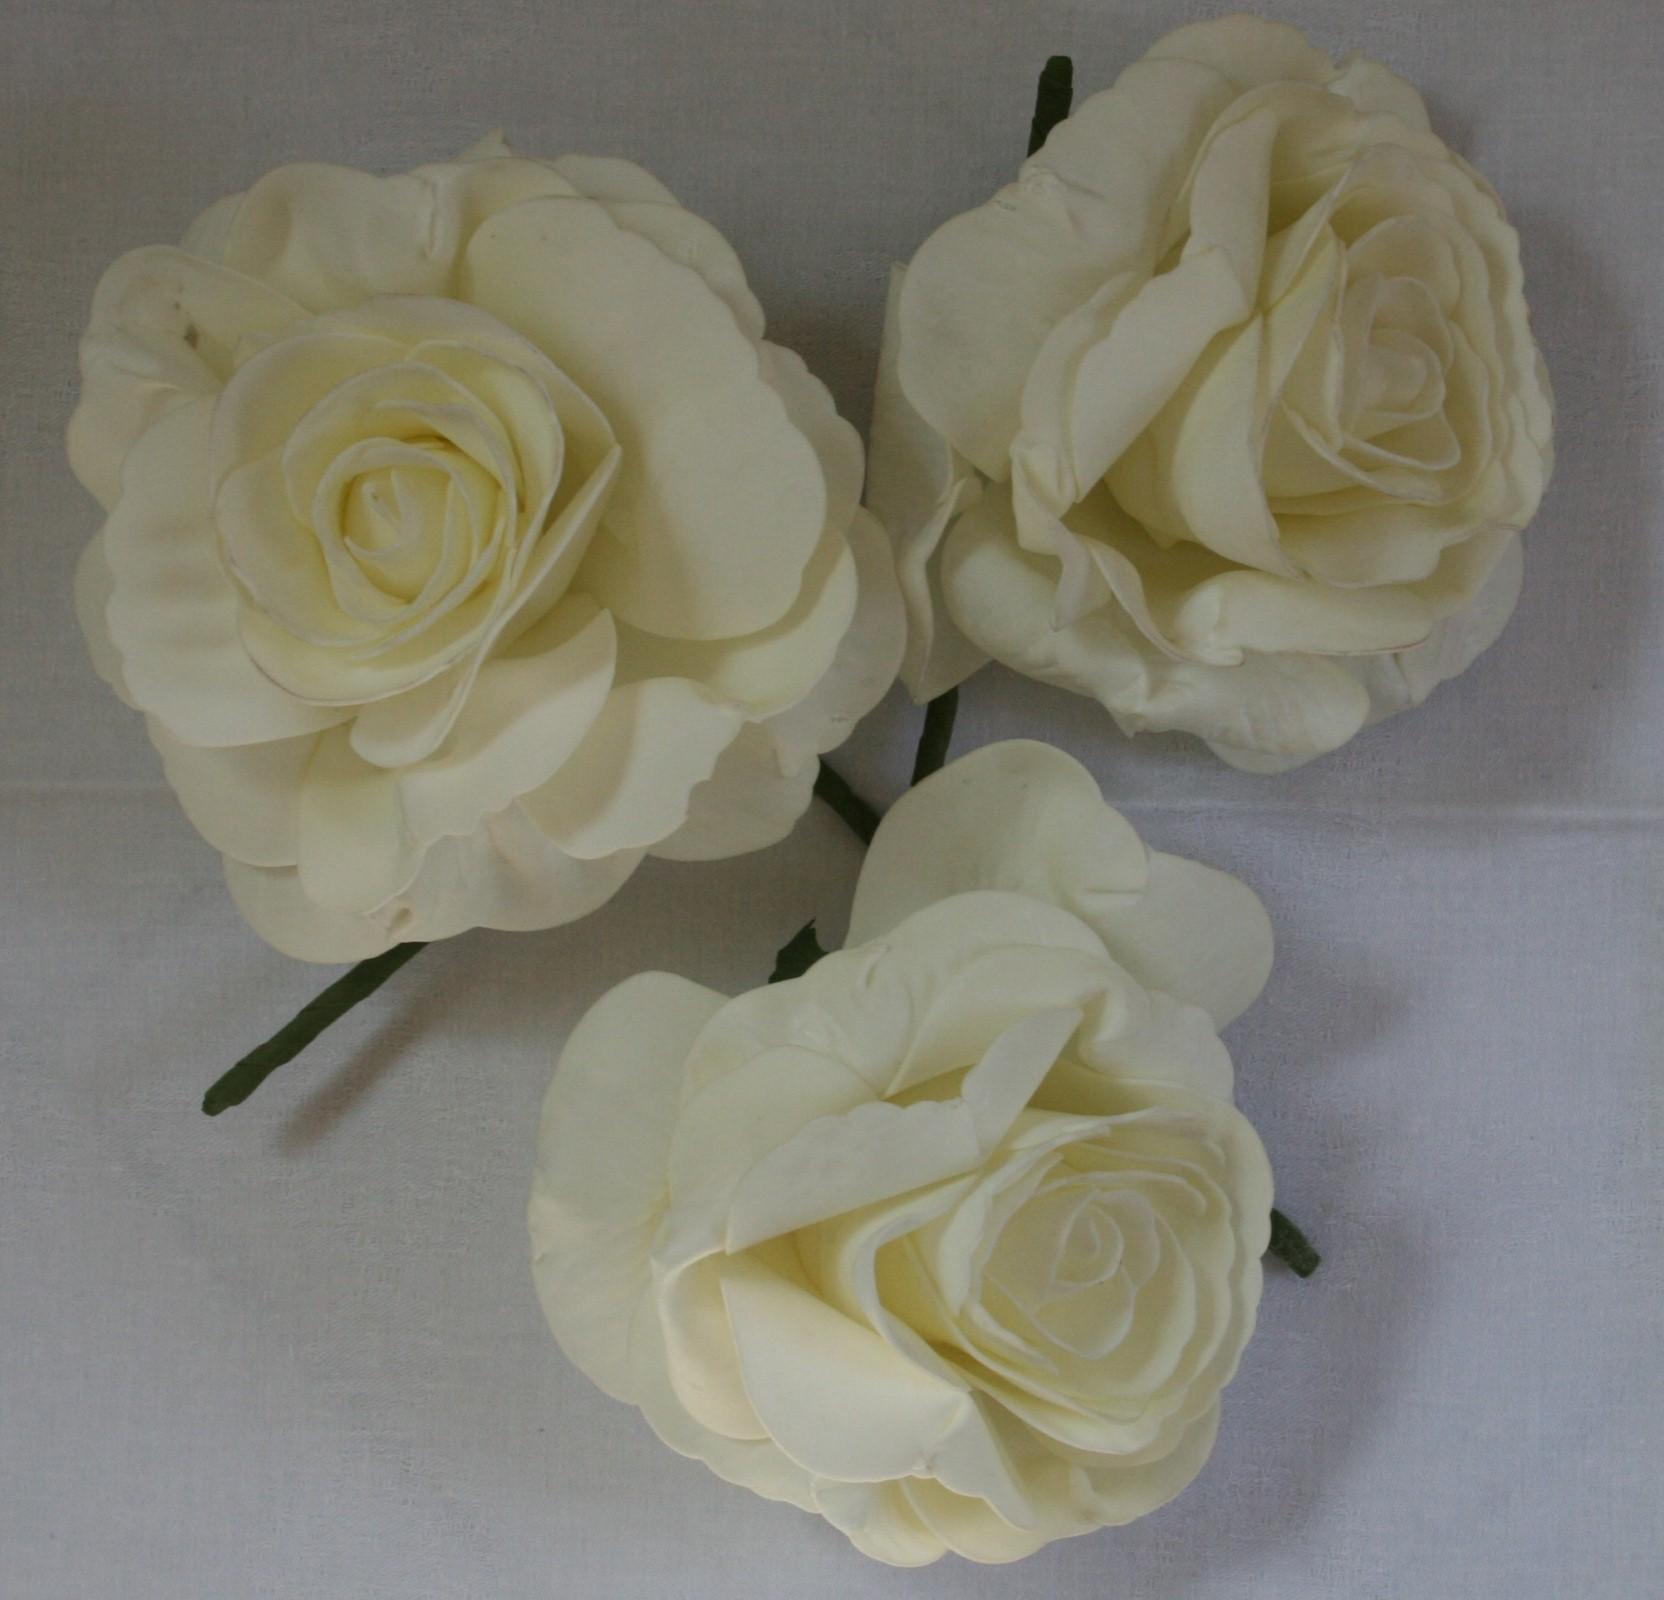 ... Kunstrose - Dekoblume - Rose - Hochzeitsdeko - Tischdeko, Kunststoff